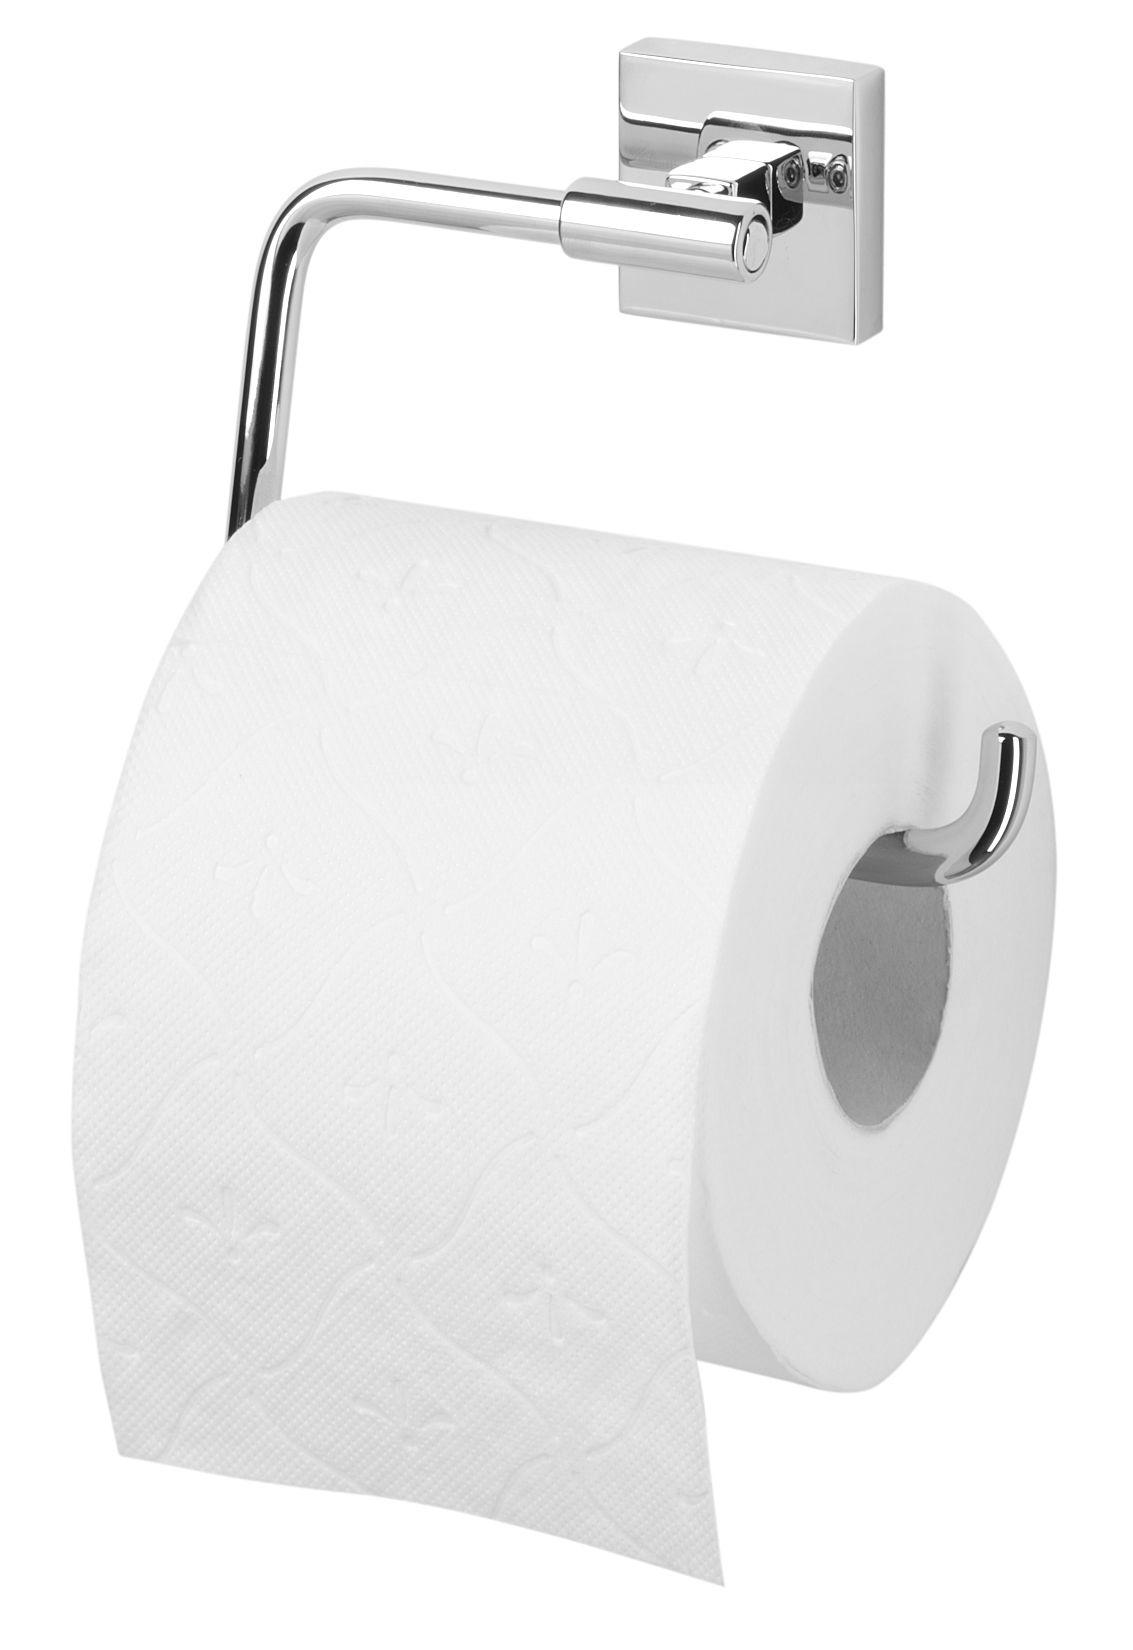 Tiger Melbourne toiletrolhouder chroom